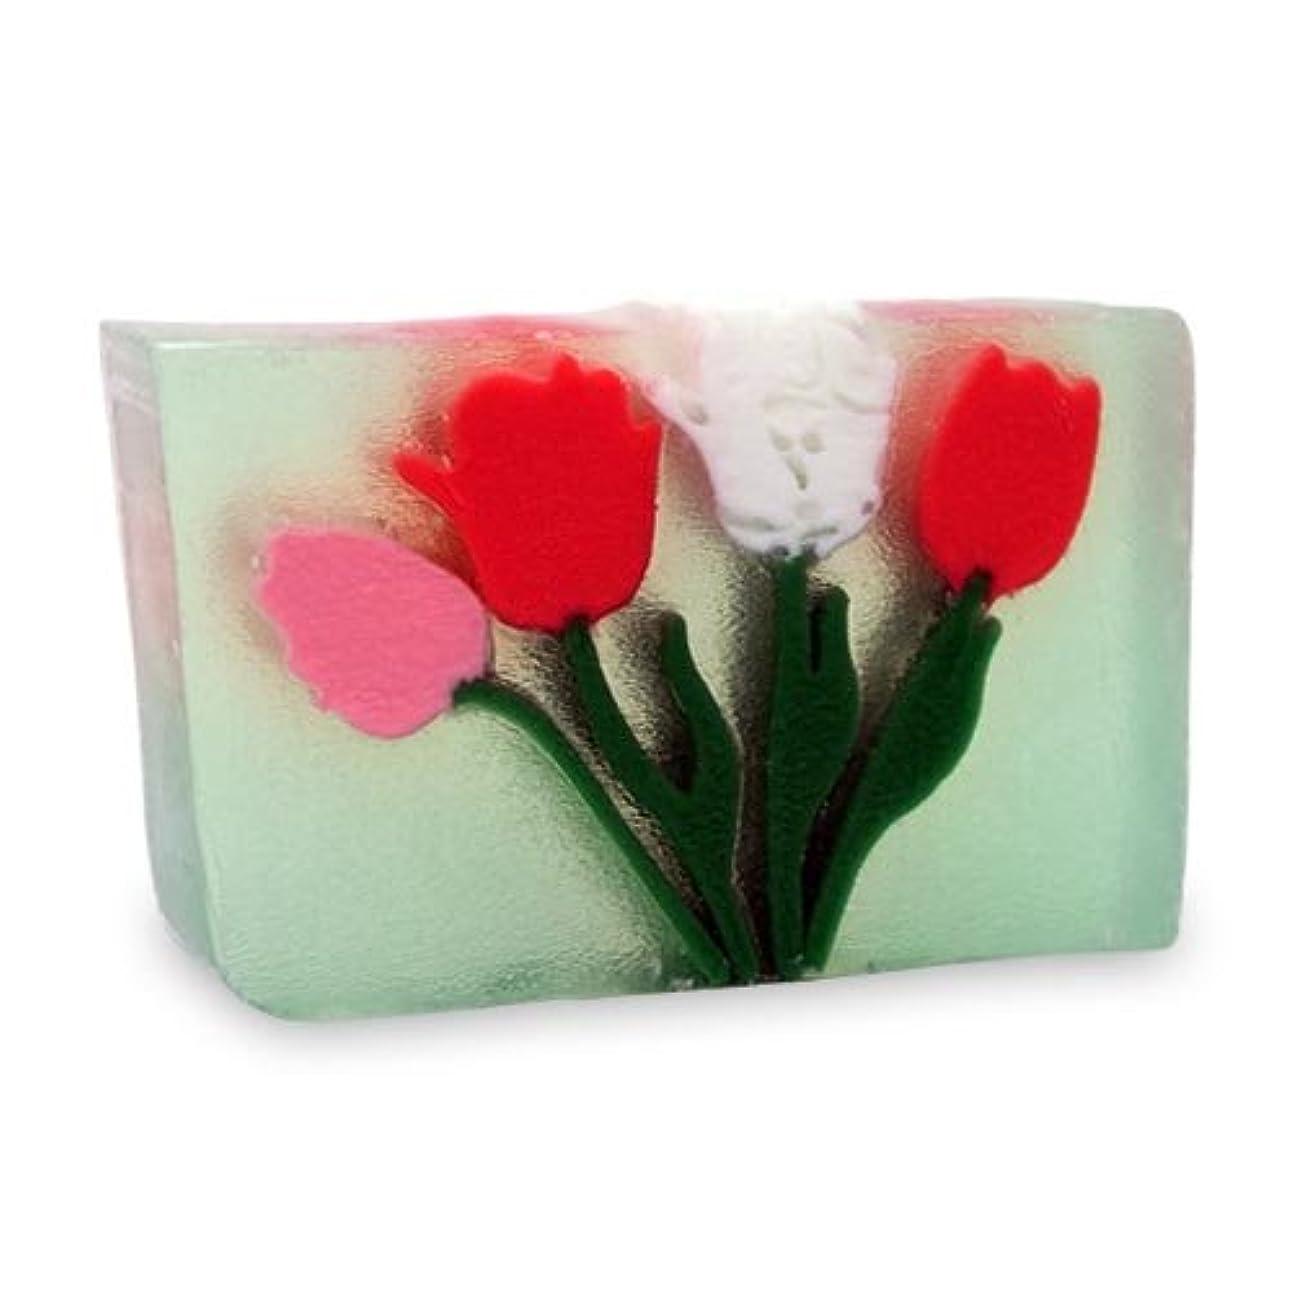 ブリーフケースドメインゲートプライモールエレメンツ アロマティック ソープ チューリップ 180g 植物性 ナチュラル 石鹸 無添加